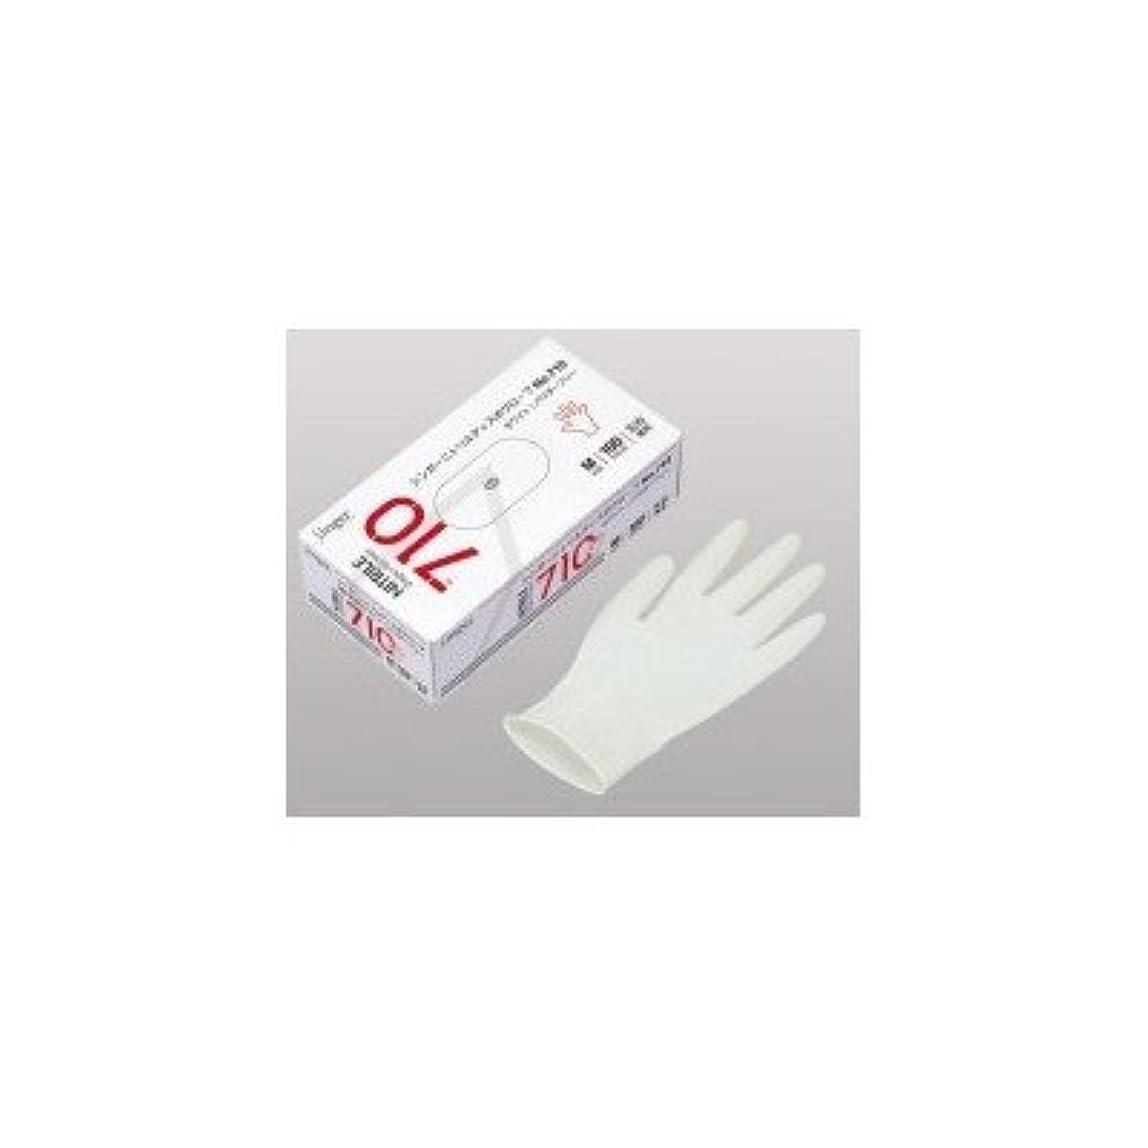 バイアスかんたんもろいシンガー ニトリルディスポグローブ(手袋) No.710 ホワイト パウダーフリー(100枚) L( 画像はイメージ画像です お届けの商品はLのみとなります)